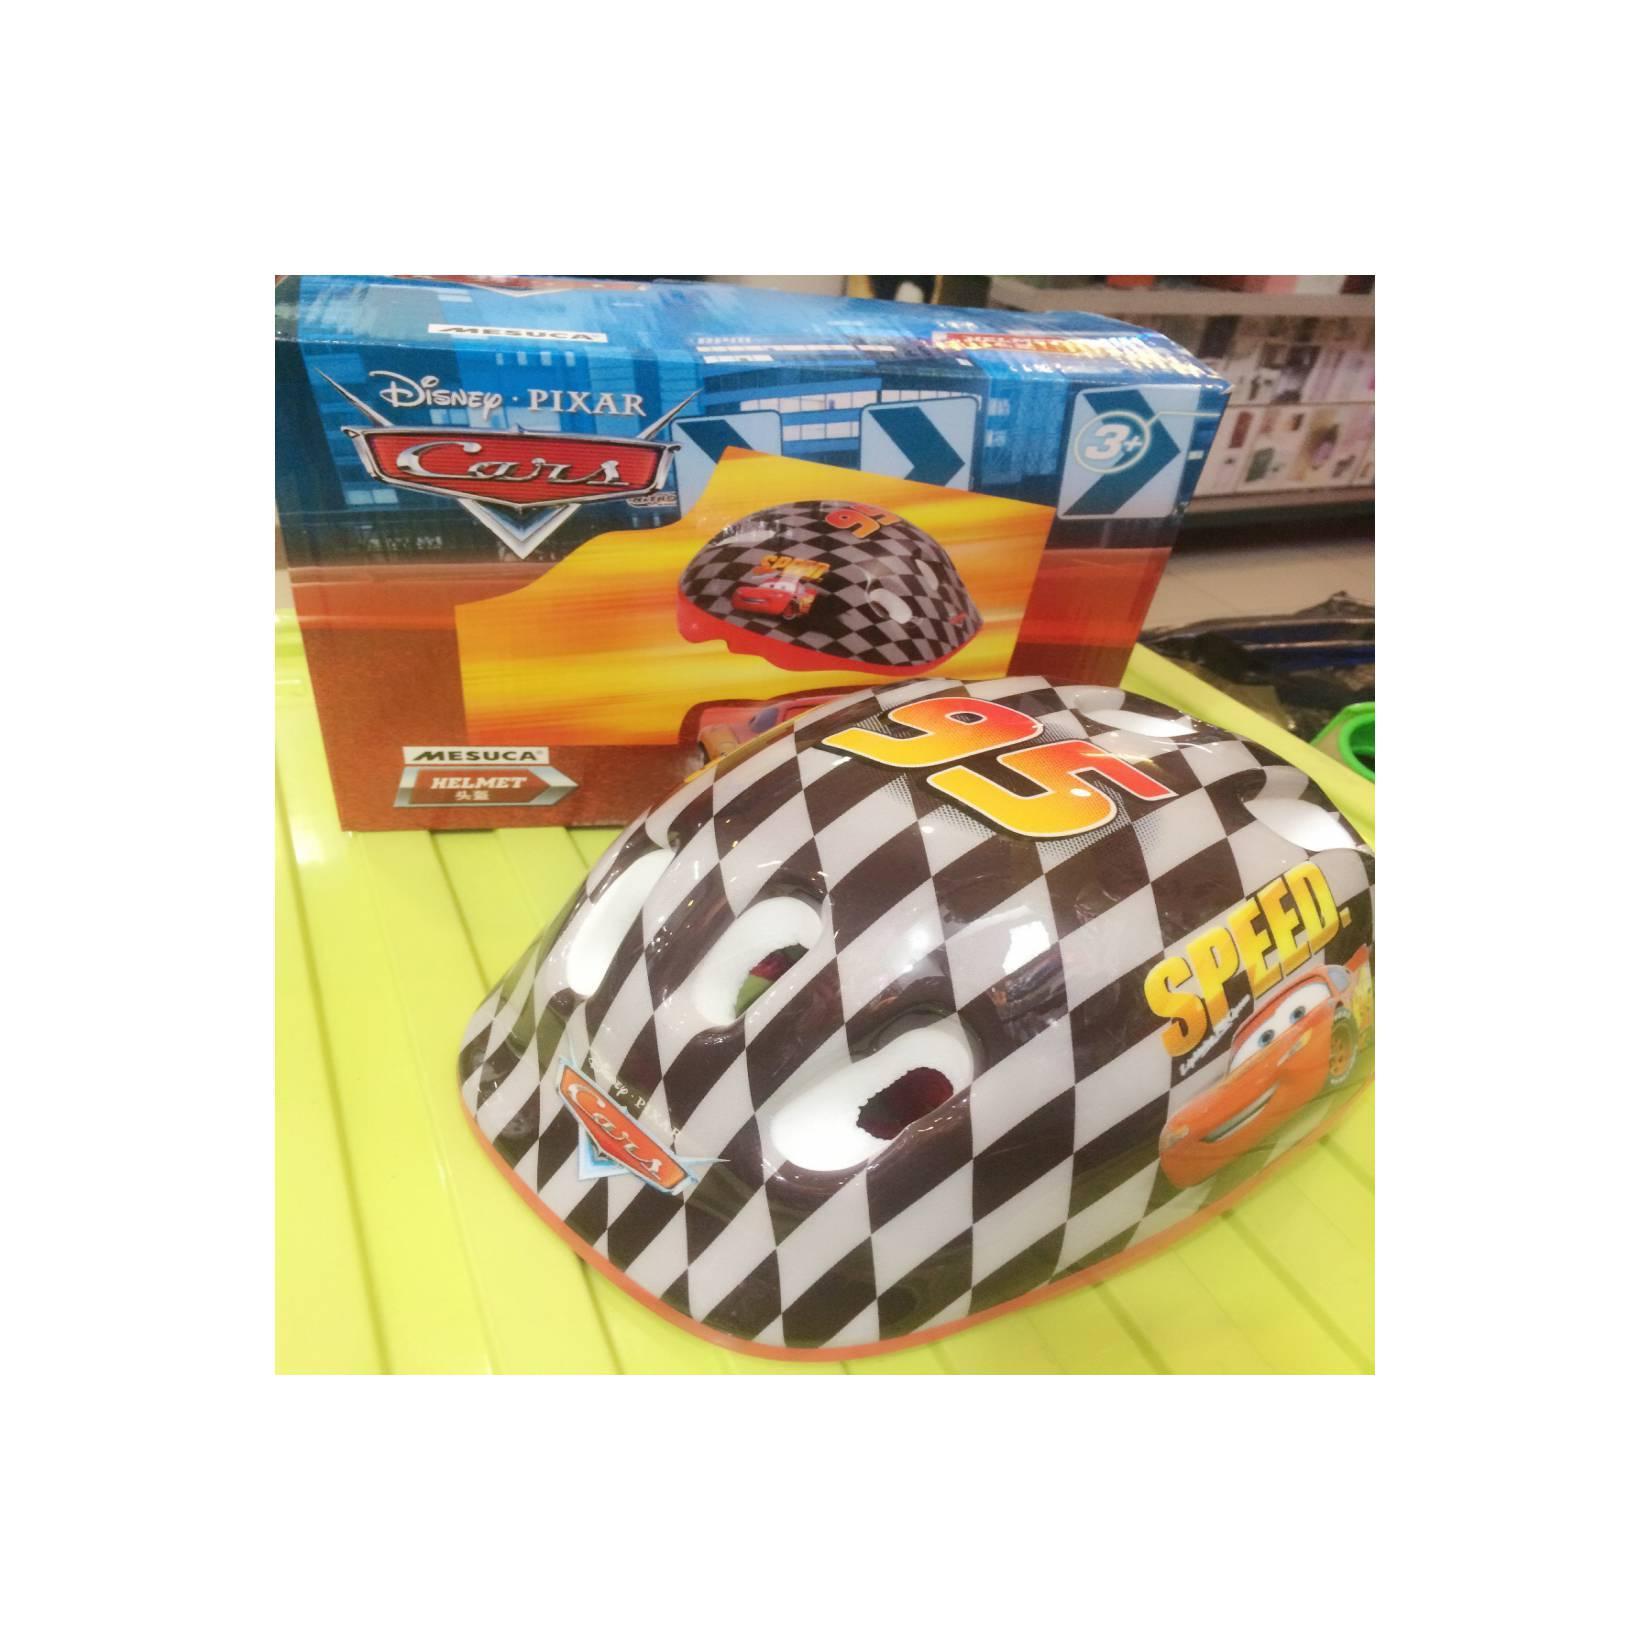 Beli Helm Mobil Store Marwanto606 G Fresh Spray Pengharum Dan Deodoriser Sport Sepeda Untuk Anak Umur 3 8thn Gambar Cars Foum Bagus